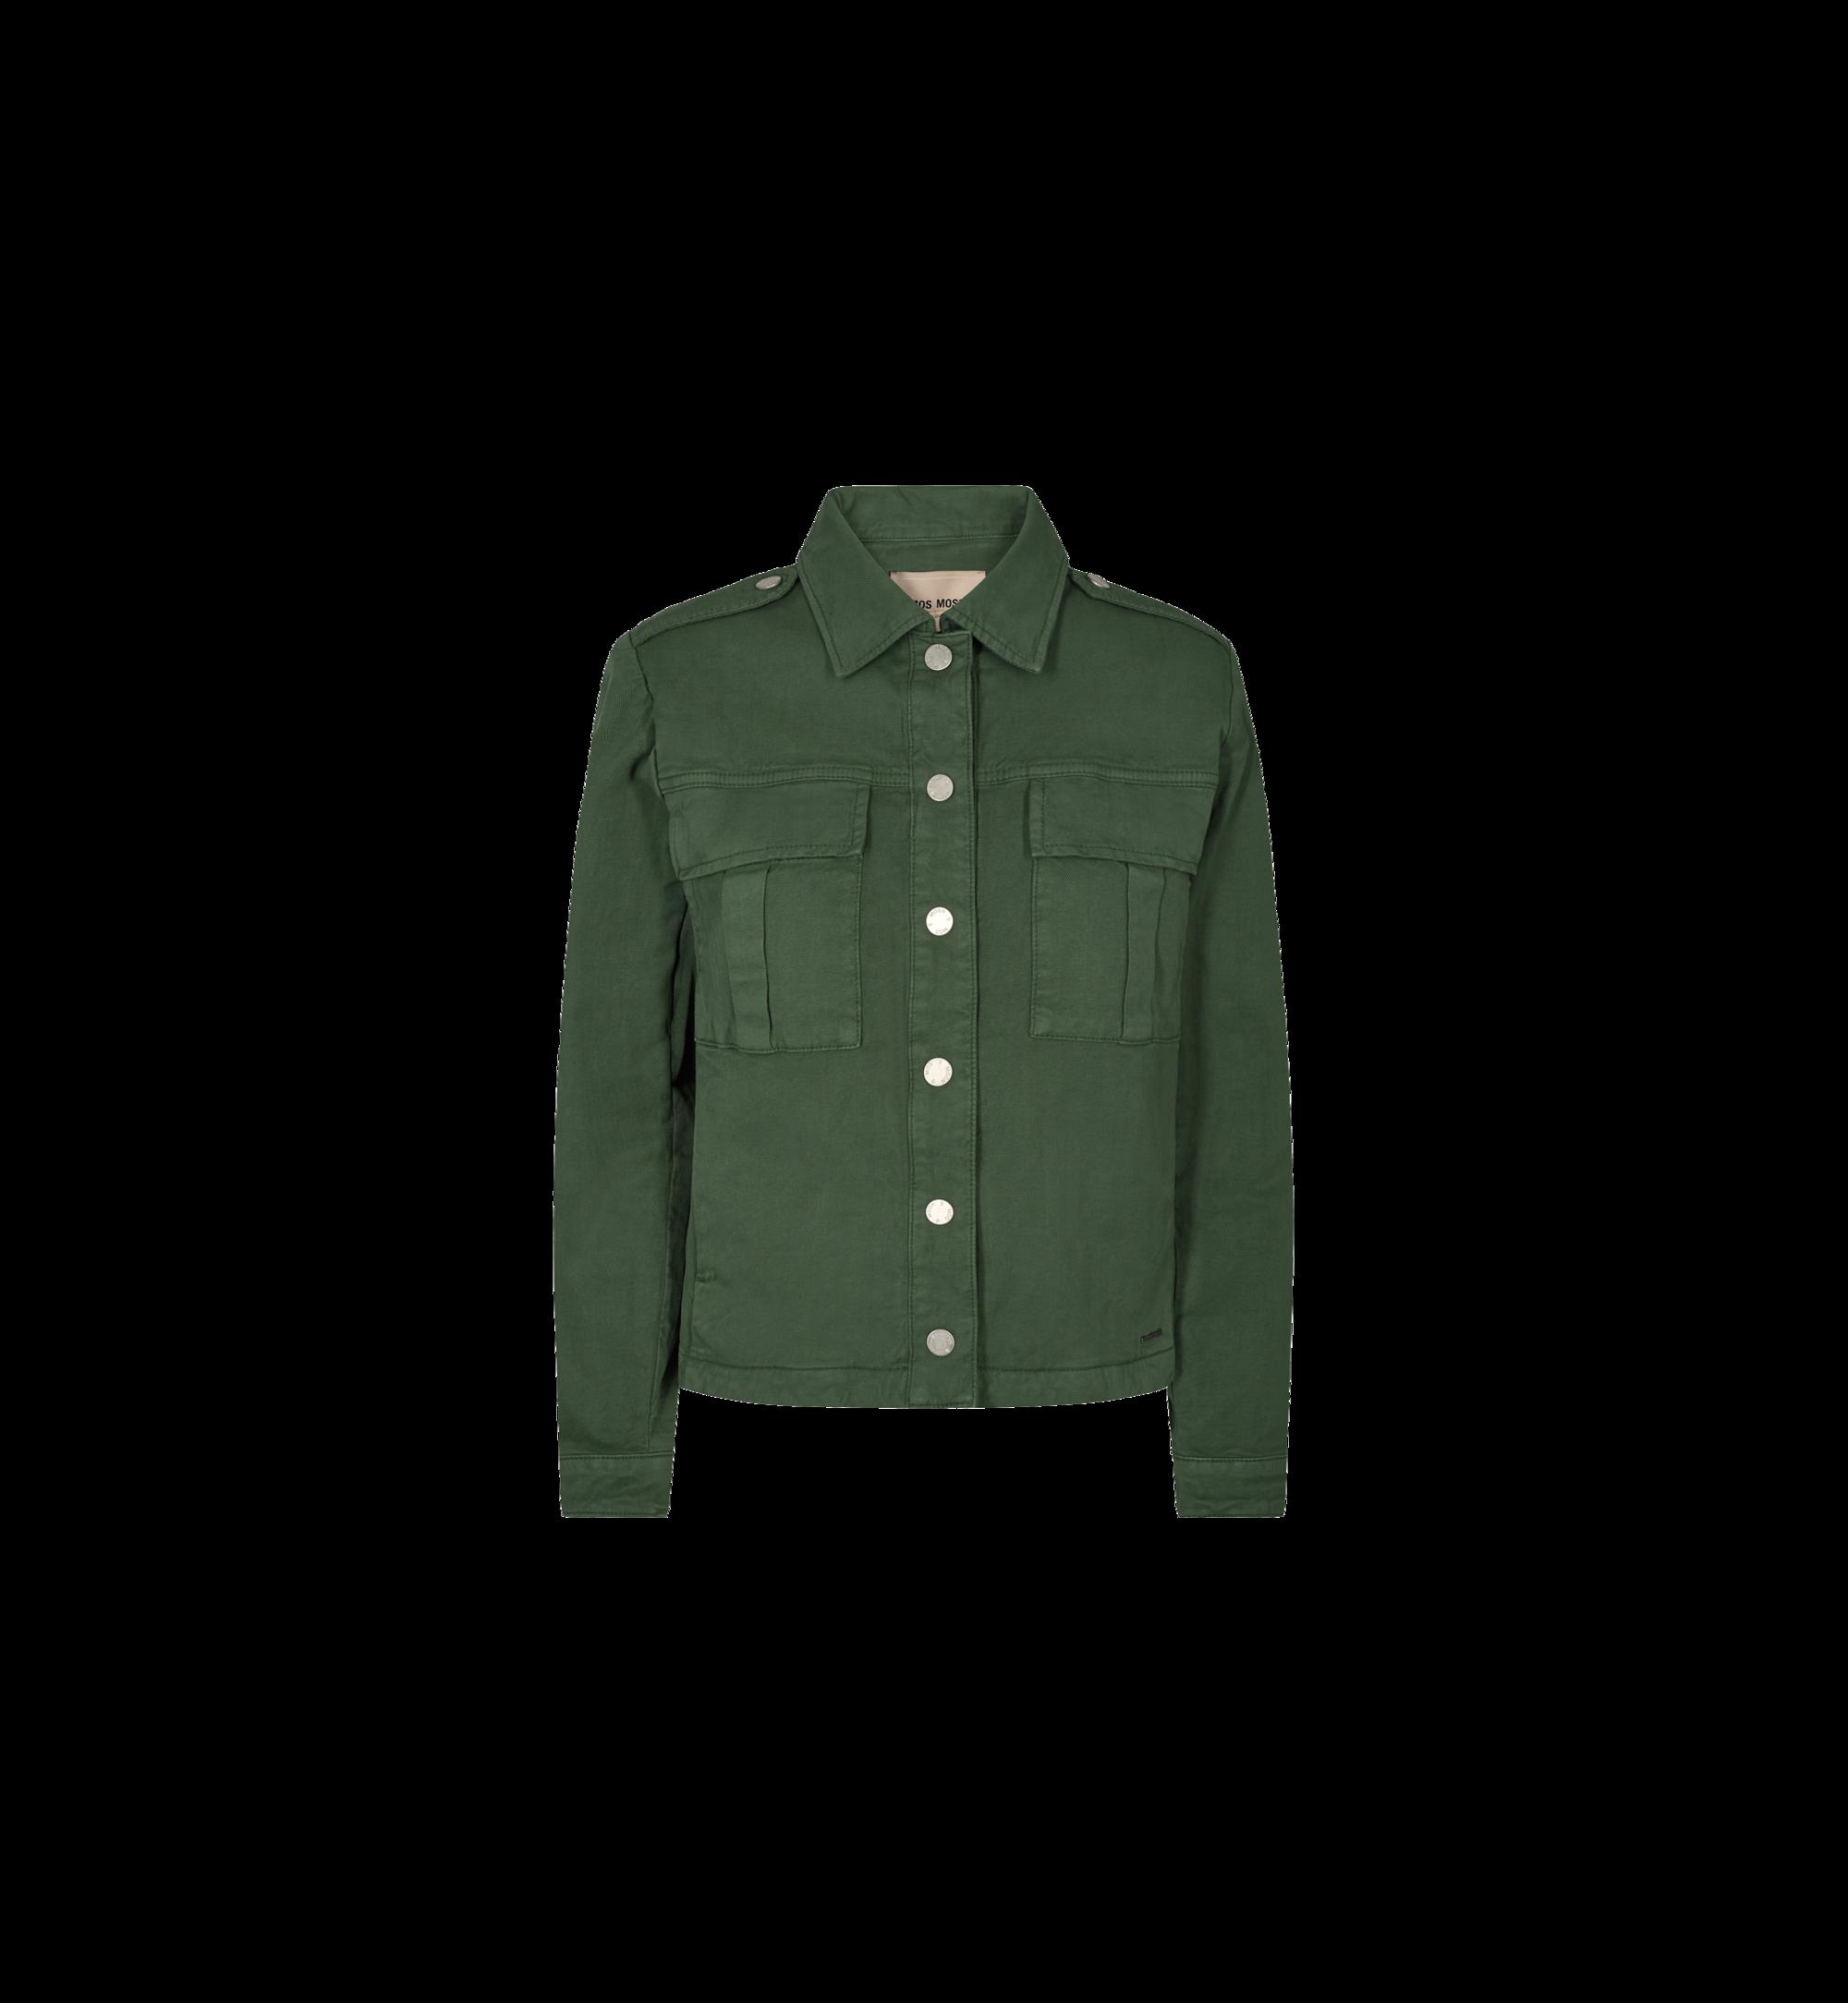 Blair Herringbone jacket